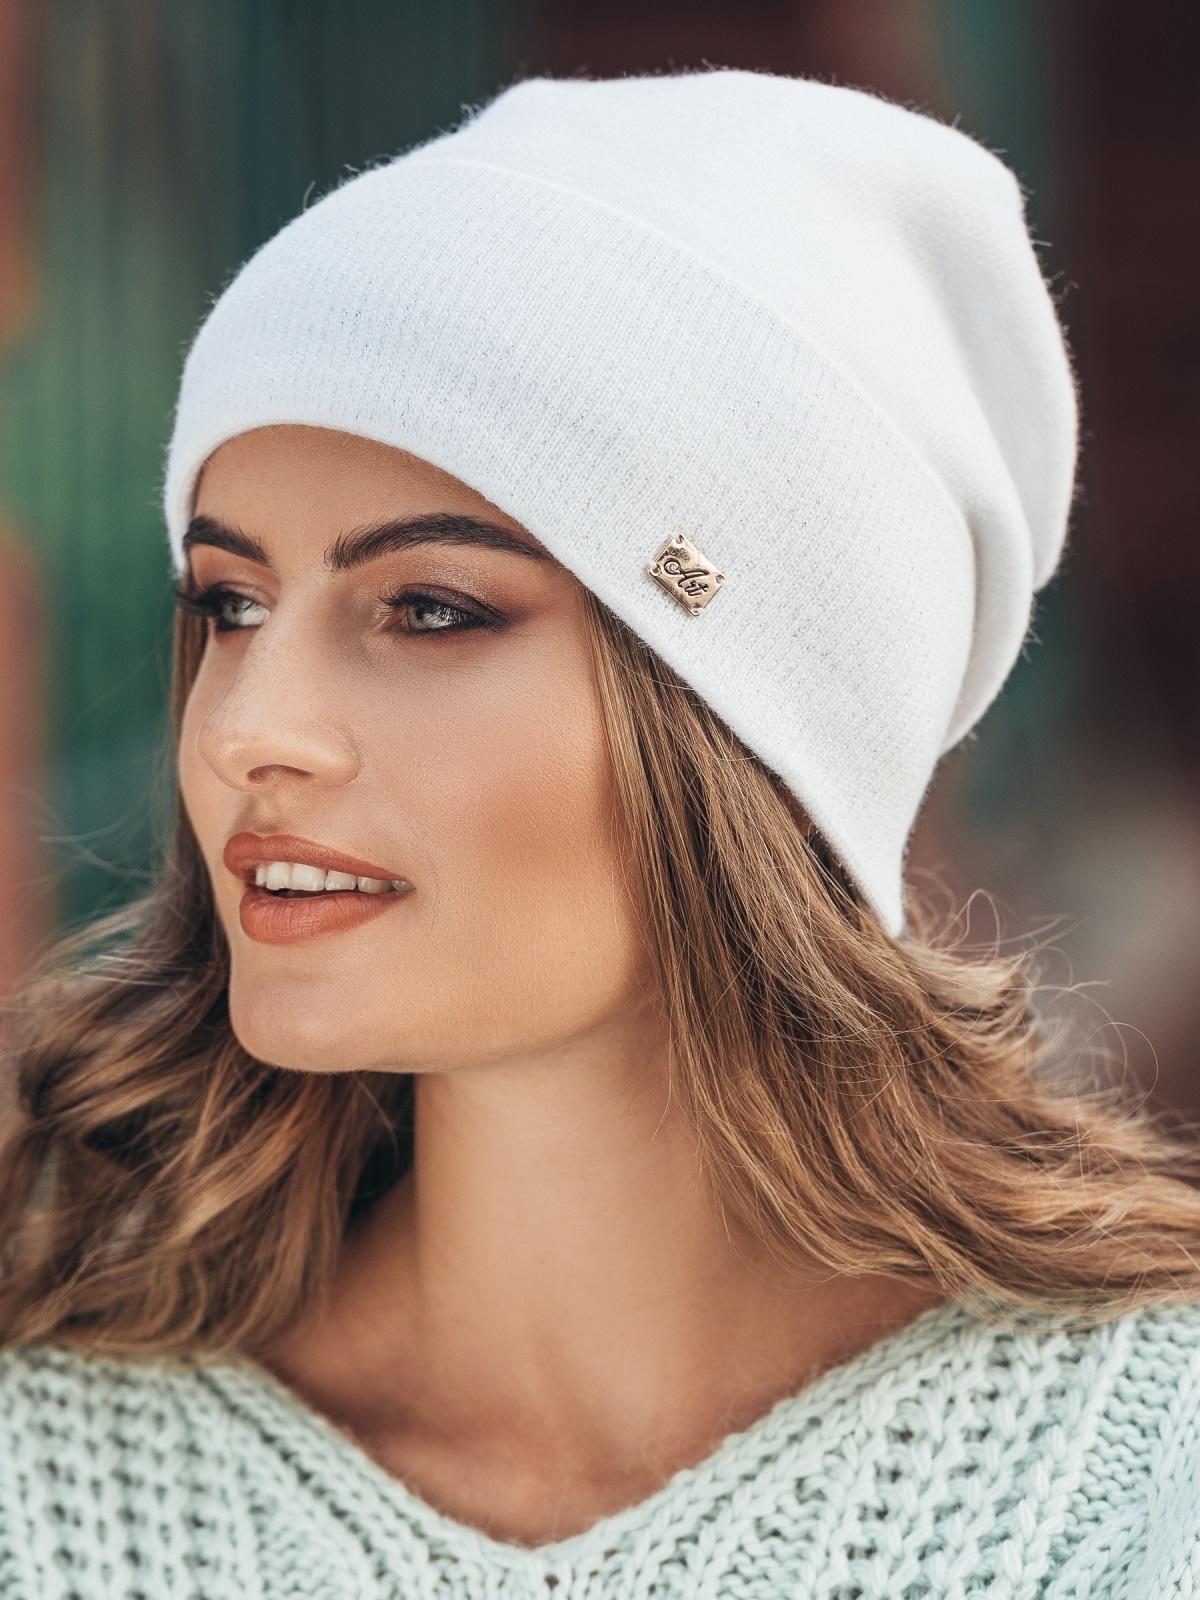 Зимняя шапка без помпона с нитью люрекса белая - 14733, фото 1 – интернет-магазин Dressa